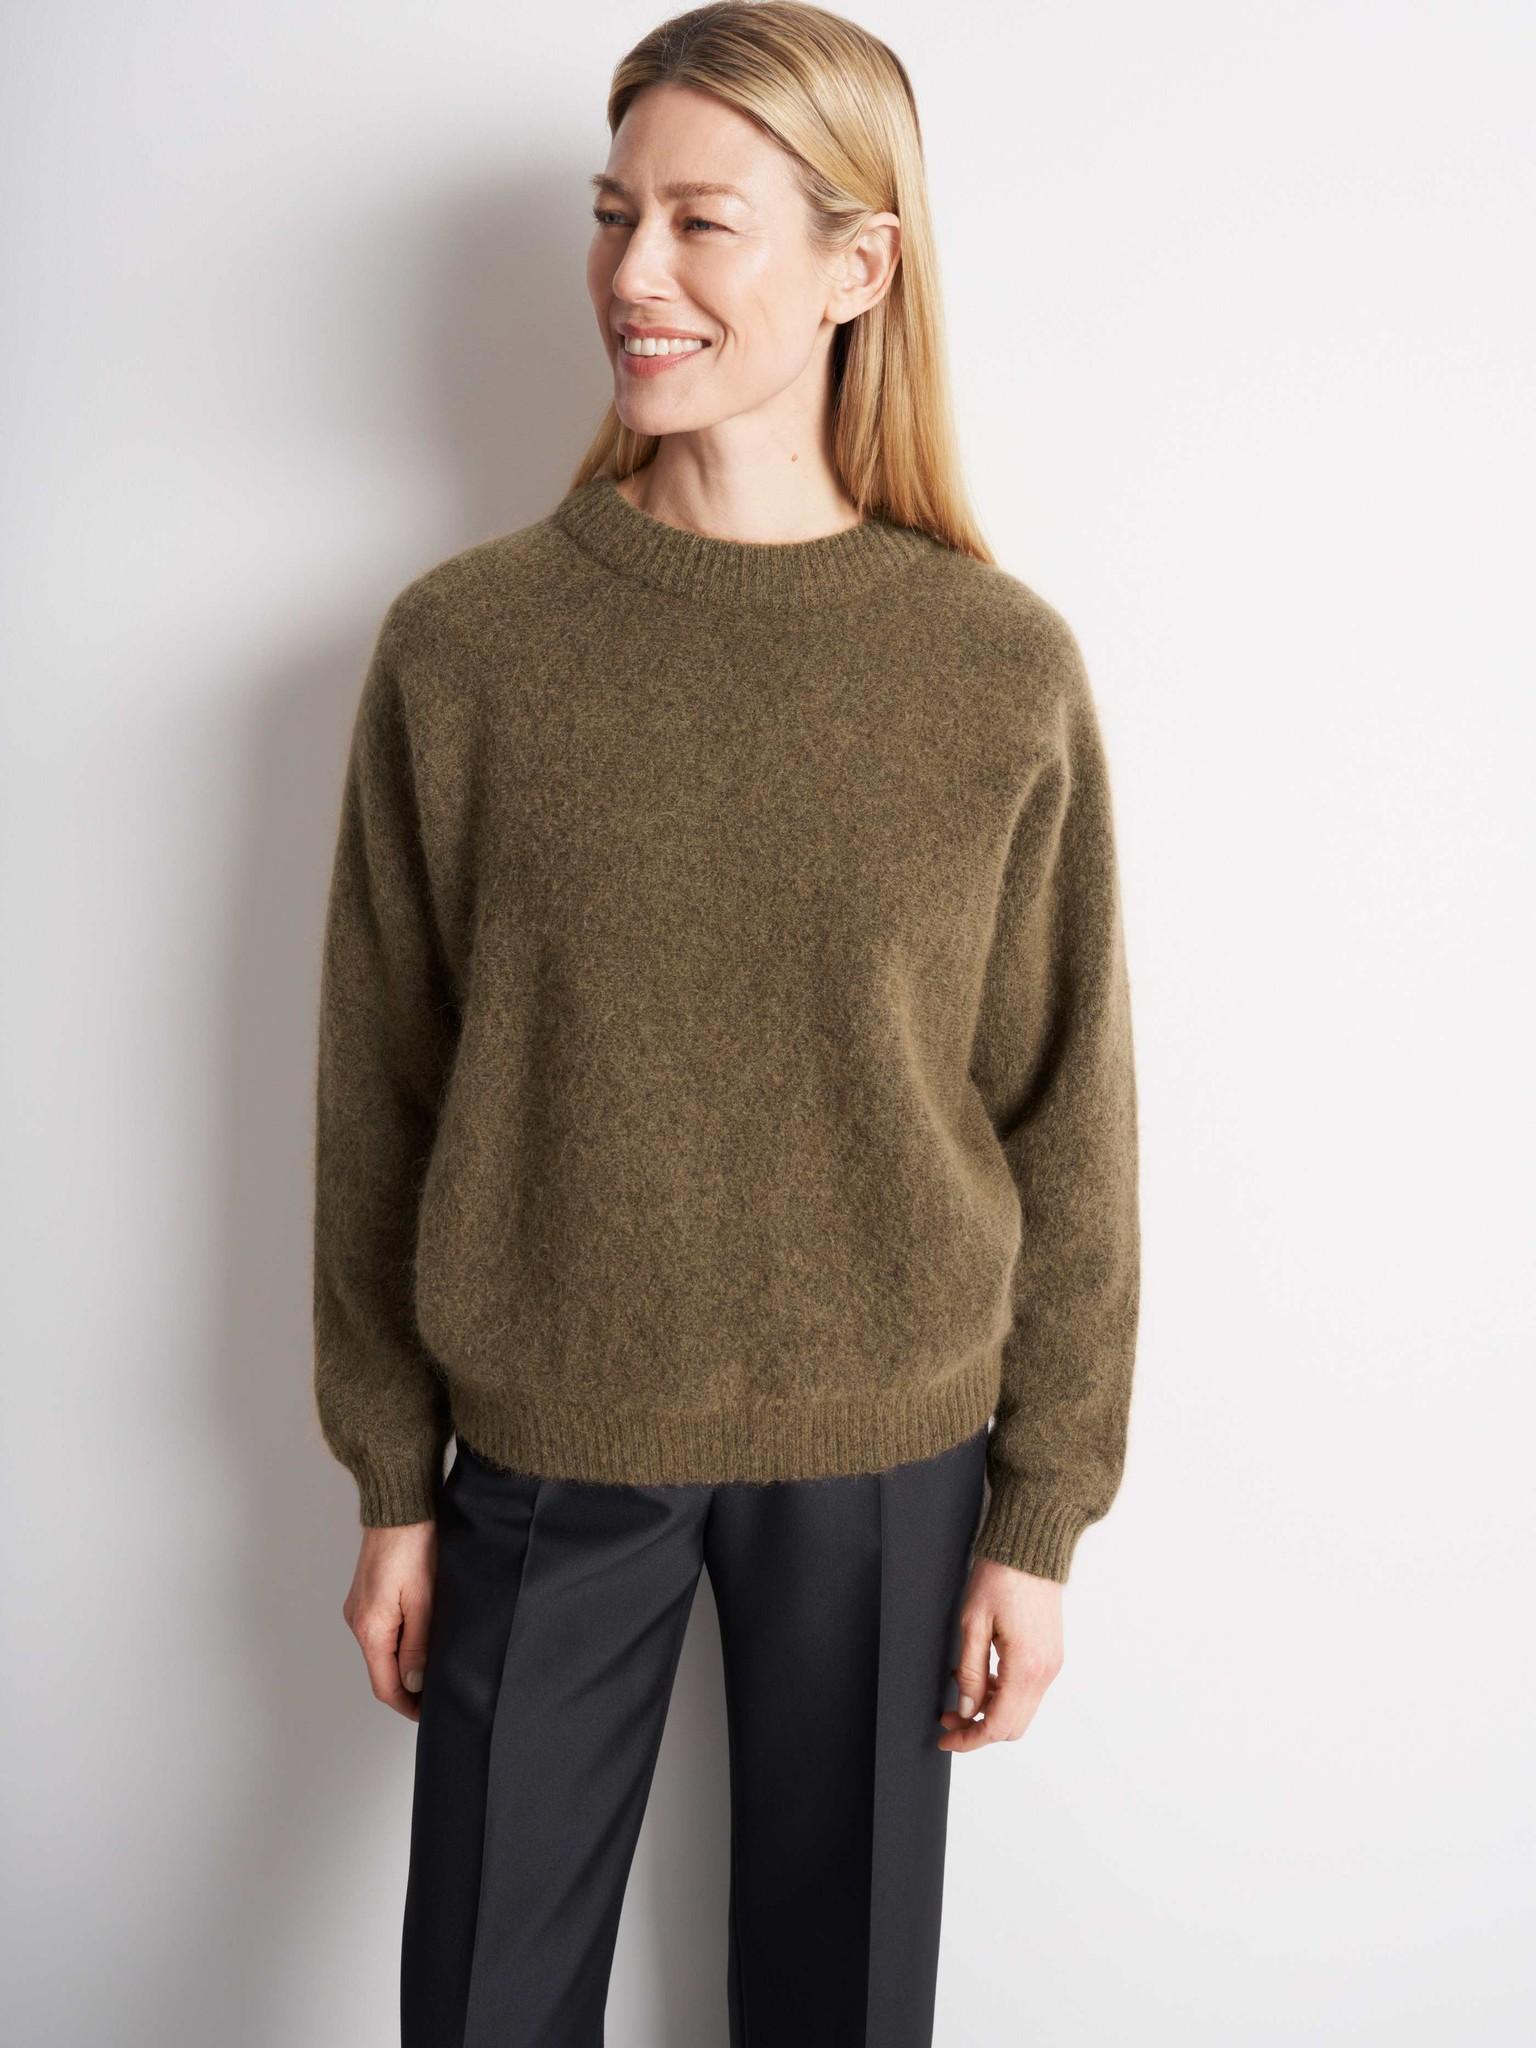 Gwynn Nut Brown Wool Knitwear-1